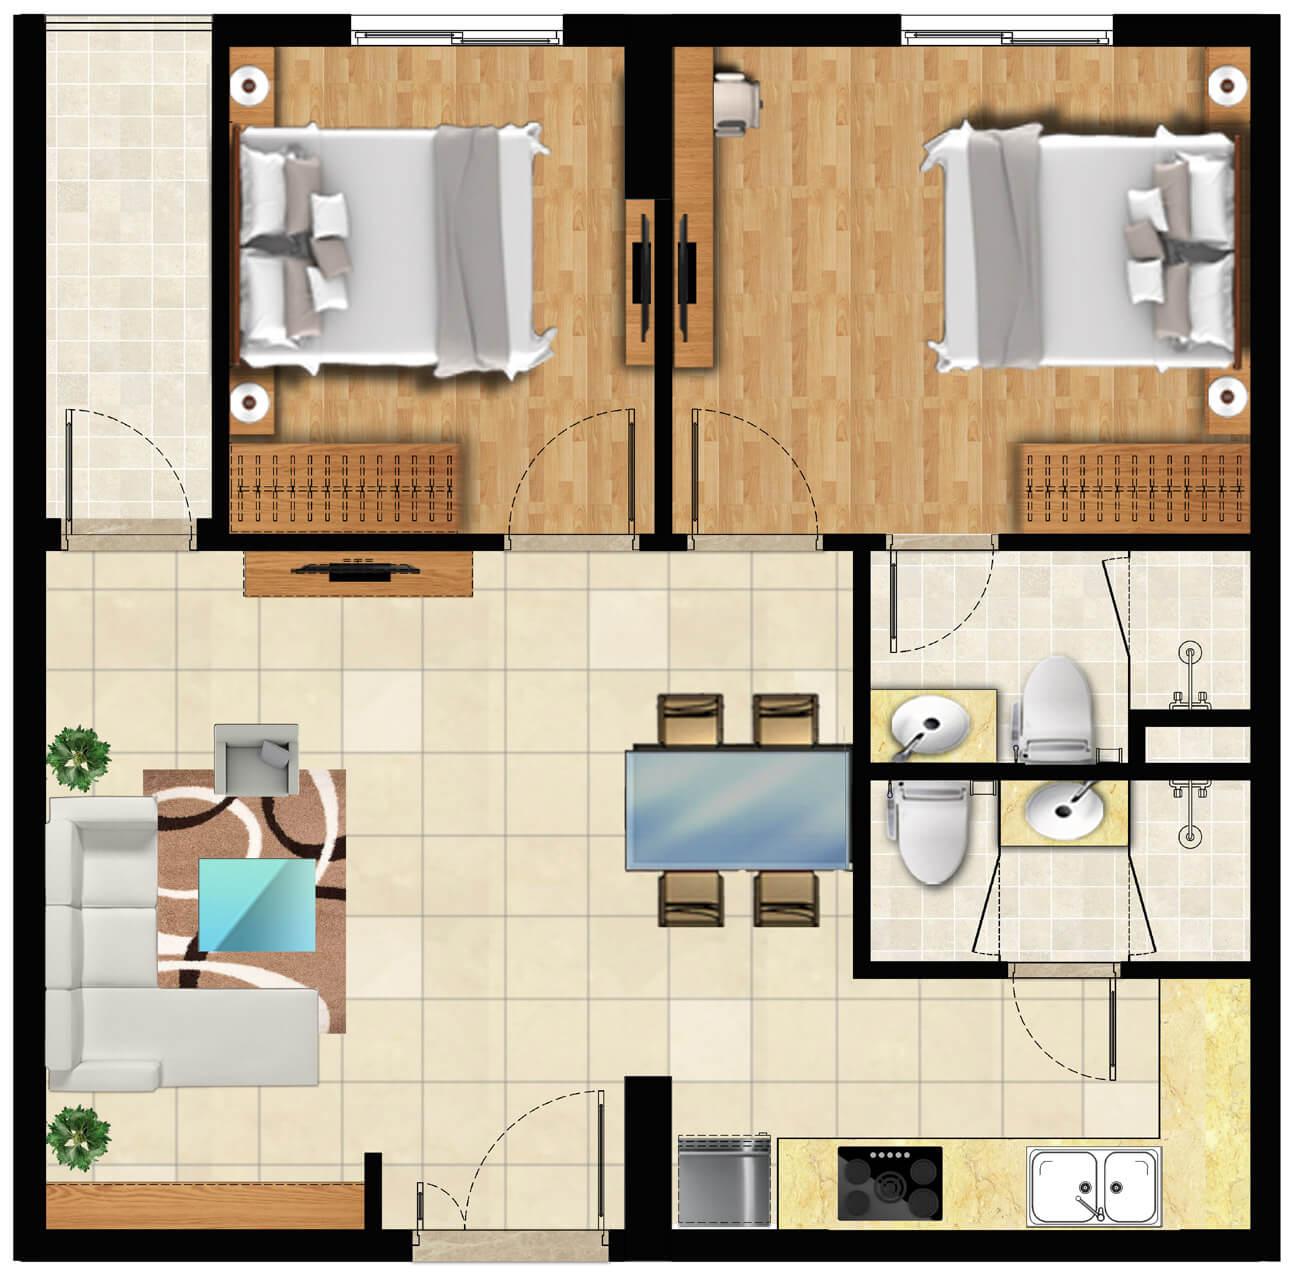 Thiết kế 2 phòng ngủ (61m2)